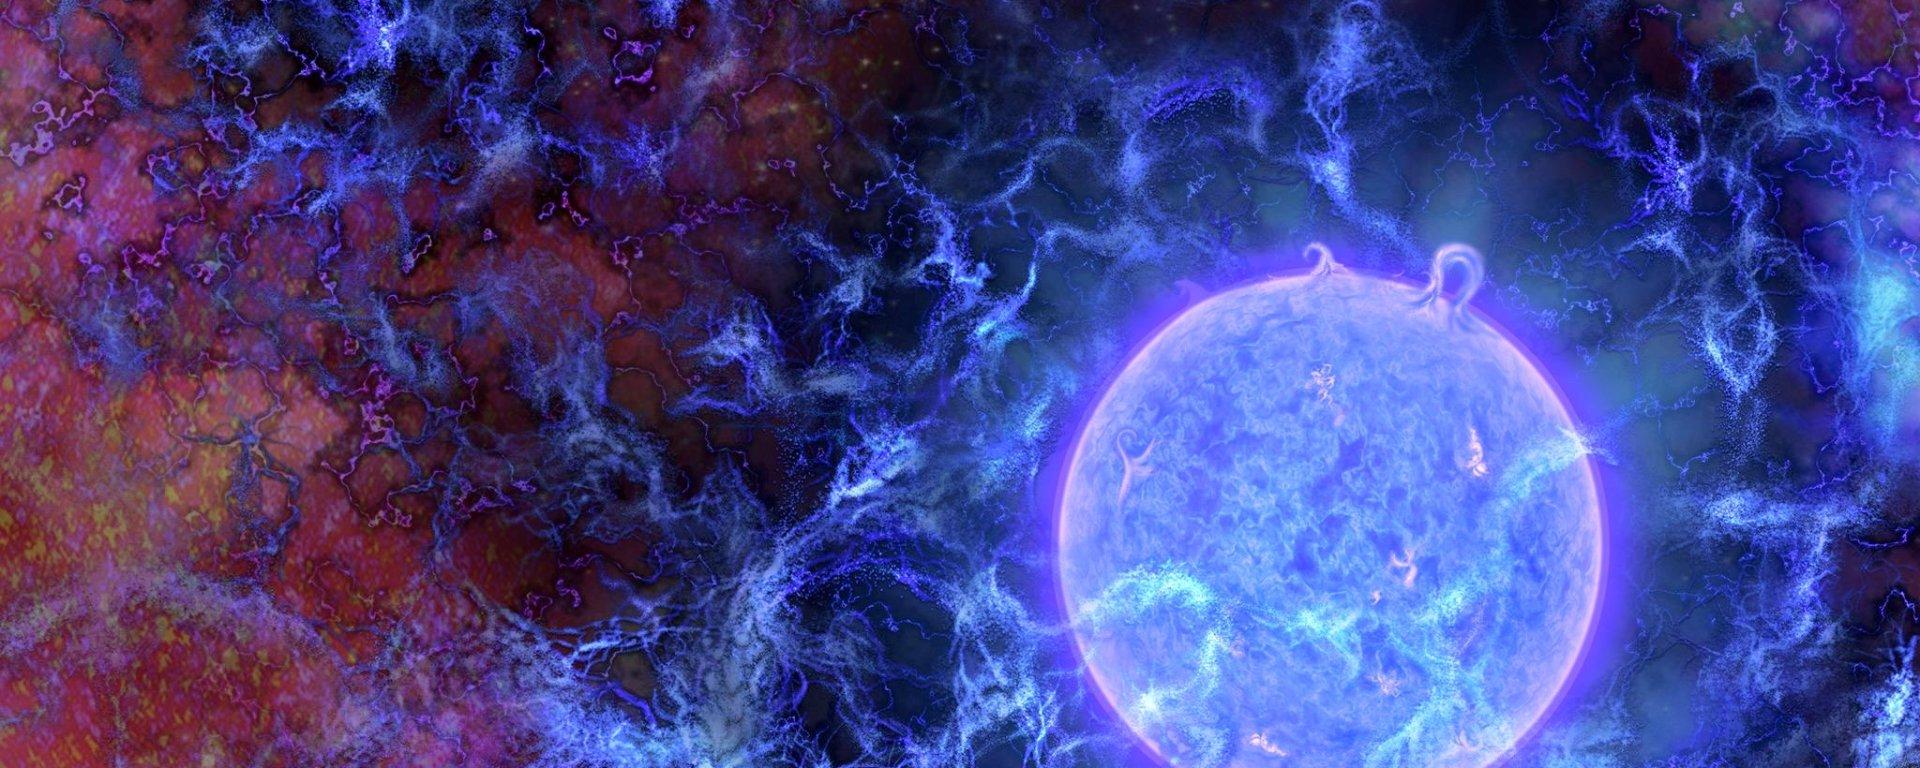 प्रस्तावित ब्रह्माण्ड का सबसे पहला निर्मित तारा, विशाल आकार के साथ नीले रंग में दिखाया गया है। यह तारा पूरी तरह से गैसीय तंतुओं से निर्मित हुआ है इसके पृष्टभूमि पर खगोलीय माइक्रोवेव(cosmic microwave background: CMB) को देखा जा सकता है। यह छवि रेडियो अवलोकनों पर आधारित है क्योंकि हम शुरुआती तारों को सीधे तौर पर नही देख सकते। शोधकर्ताओं के अनुसार खगोलीय माइक्रोवेव पृष्टभूमि की मंदता से तारे की उपस्थिति का अनुमान लगाने में मदद मिलती है क्योंकि खगोलीय माइक्रोवेव सितारों से निकले परावैगनी प्रकाश को अवशोषित कर लेते है। छवि में जहां पर खगोलीय माइक्रोवेव पृष्टभूमि कम है यह दर्शाता है वहां गैसीय तंतु अपेक्षा से कही अधिक ठंडे हो सकते है संभव है वे डार्क मैटर के साथ परस्पर प्रतिक्रिया कर रहे हो। Credit: N.R.Fuller, National Science Foundation.